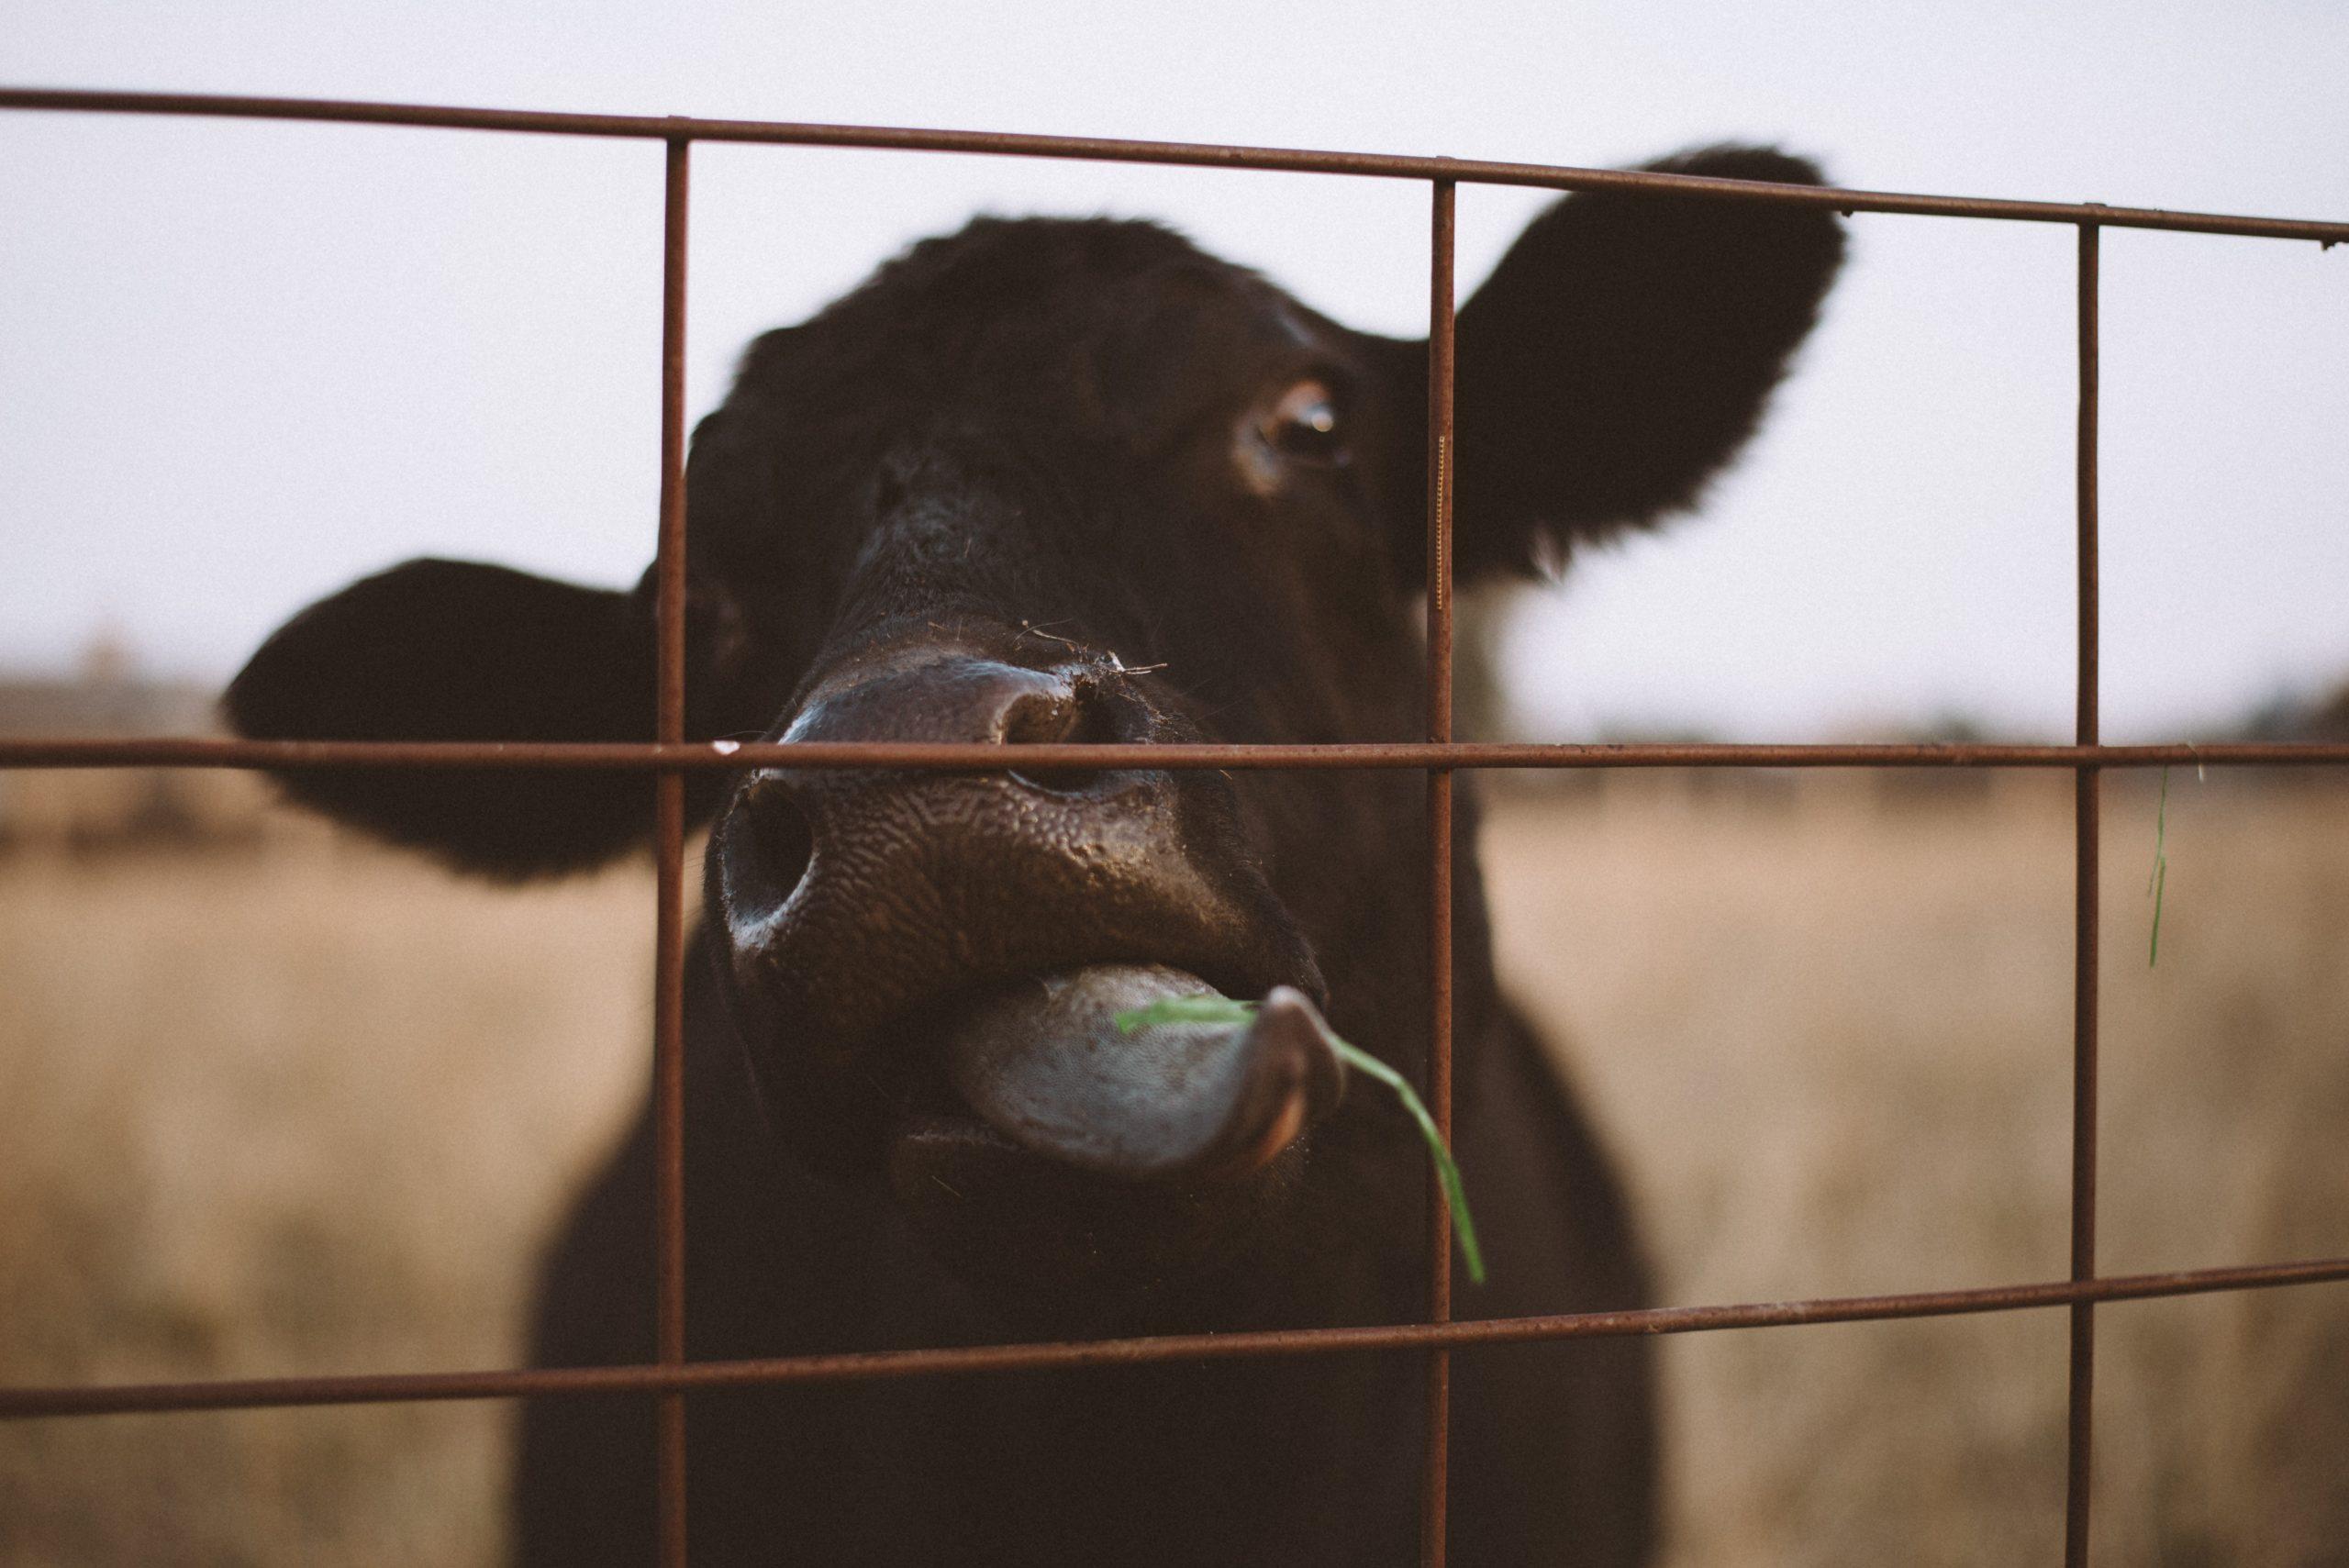 ¡Animales a salvo! Jalisco aprueba dictamen de ley para protegerlos